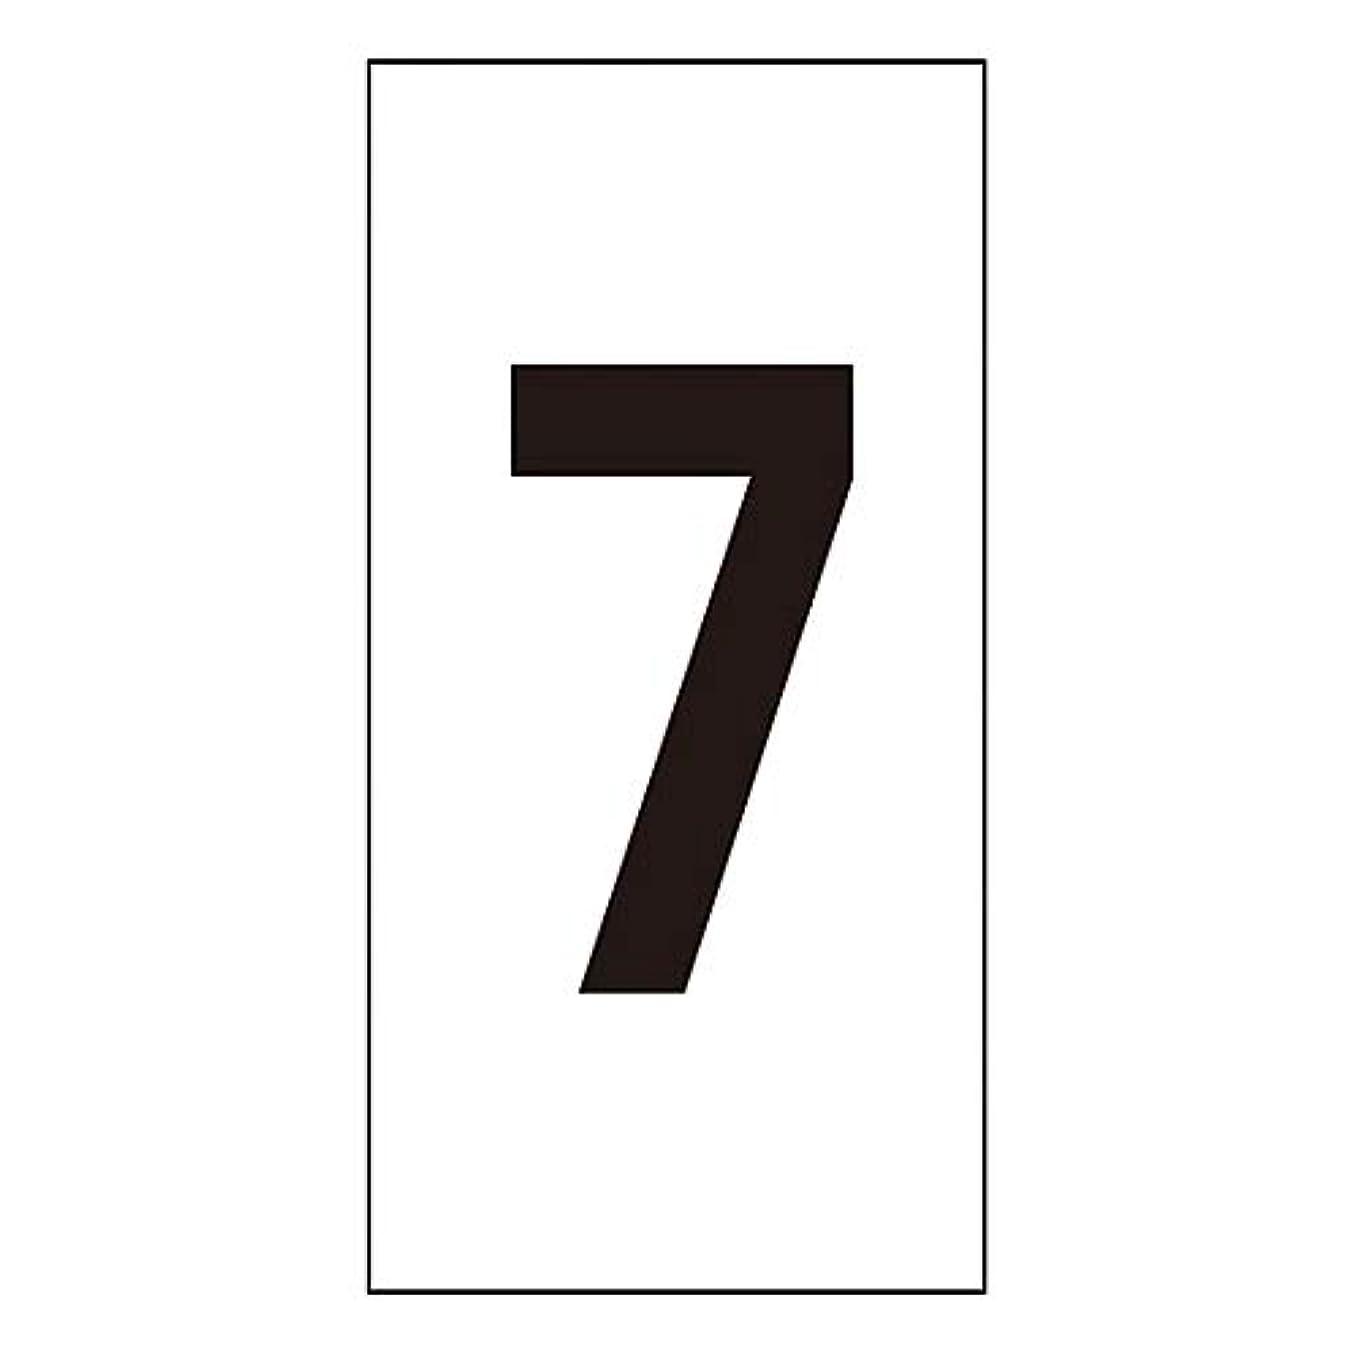 啓発するかすかな今まで数字ステッカー 数字-7(小)/61-3414-22